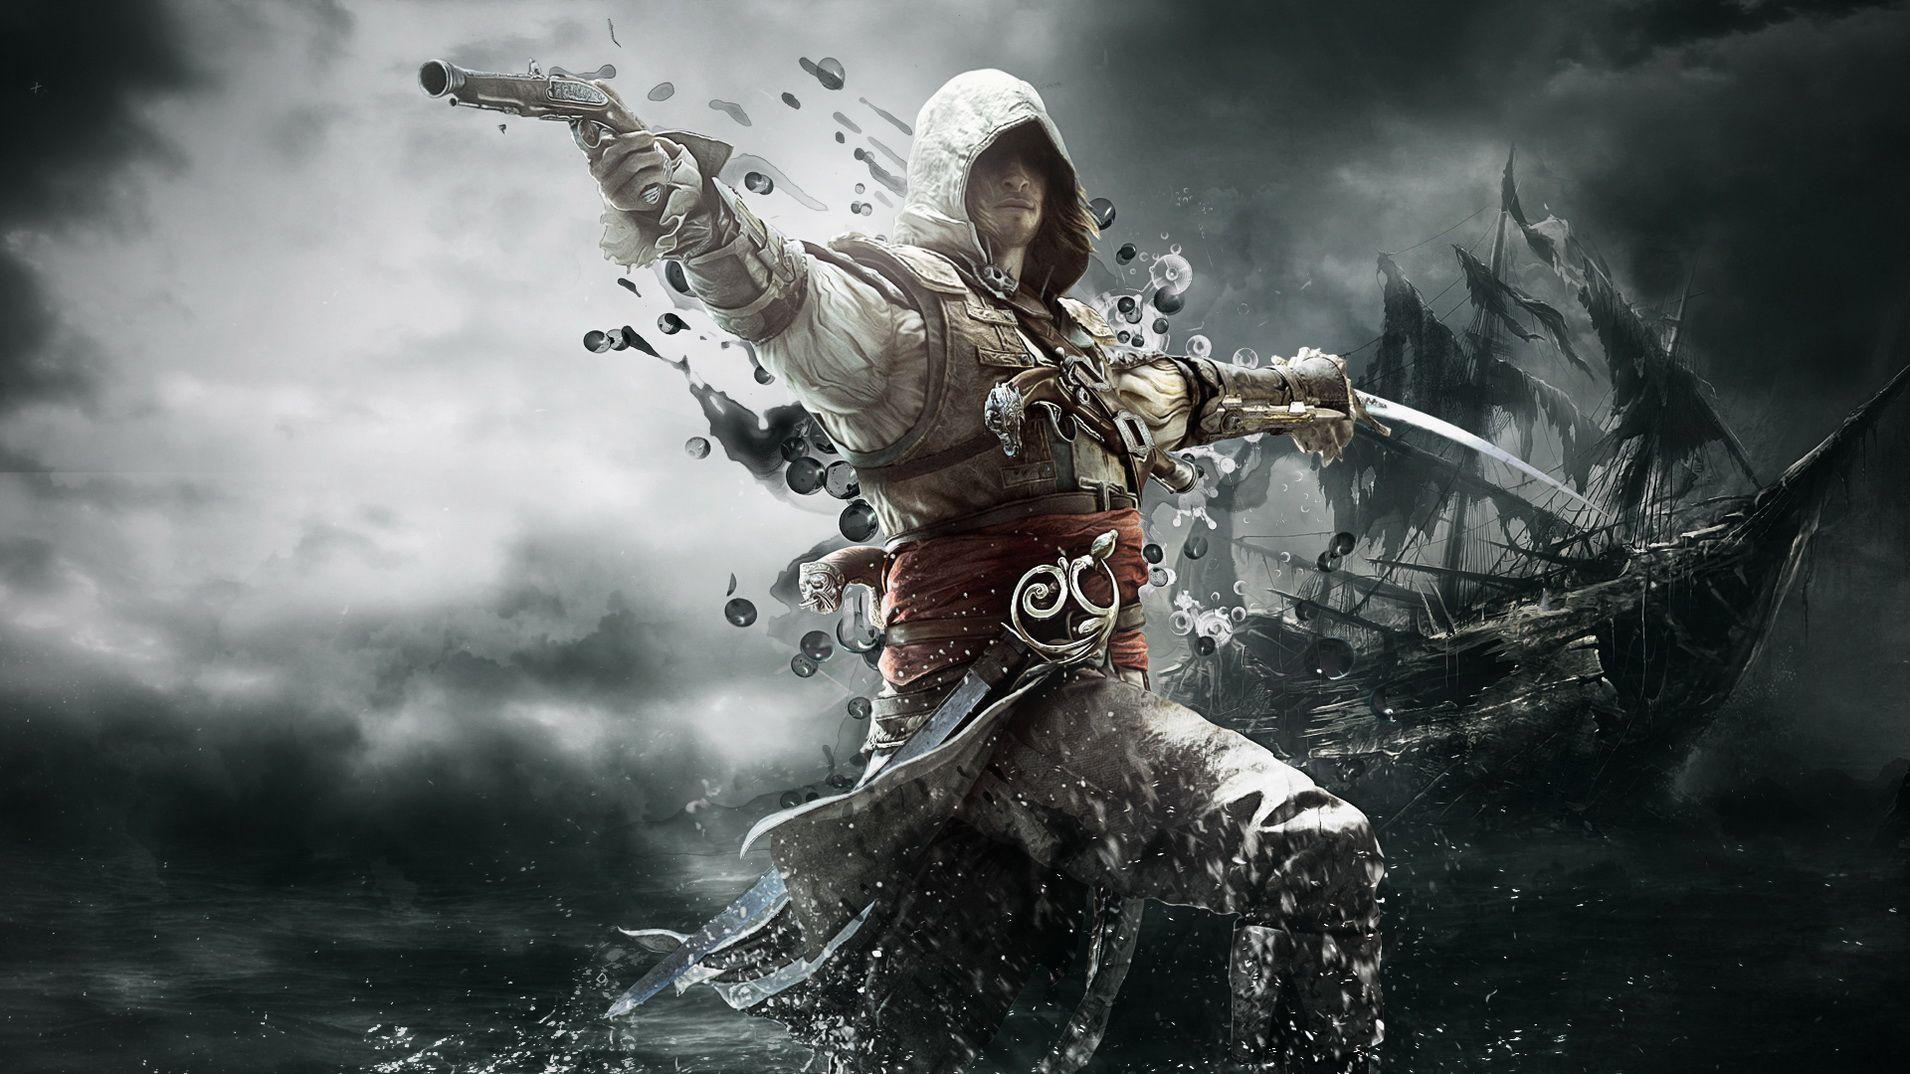 Assassin Creed IV Black Flag Wallpaper HD _1 Kunstdrucke